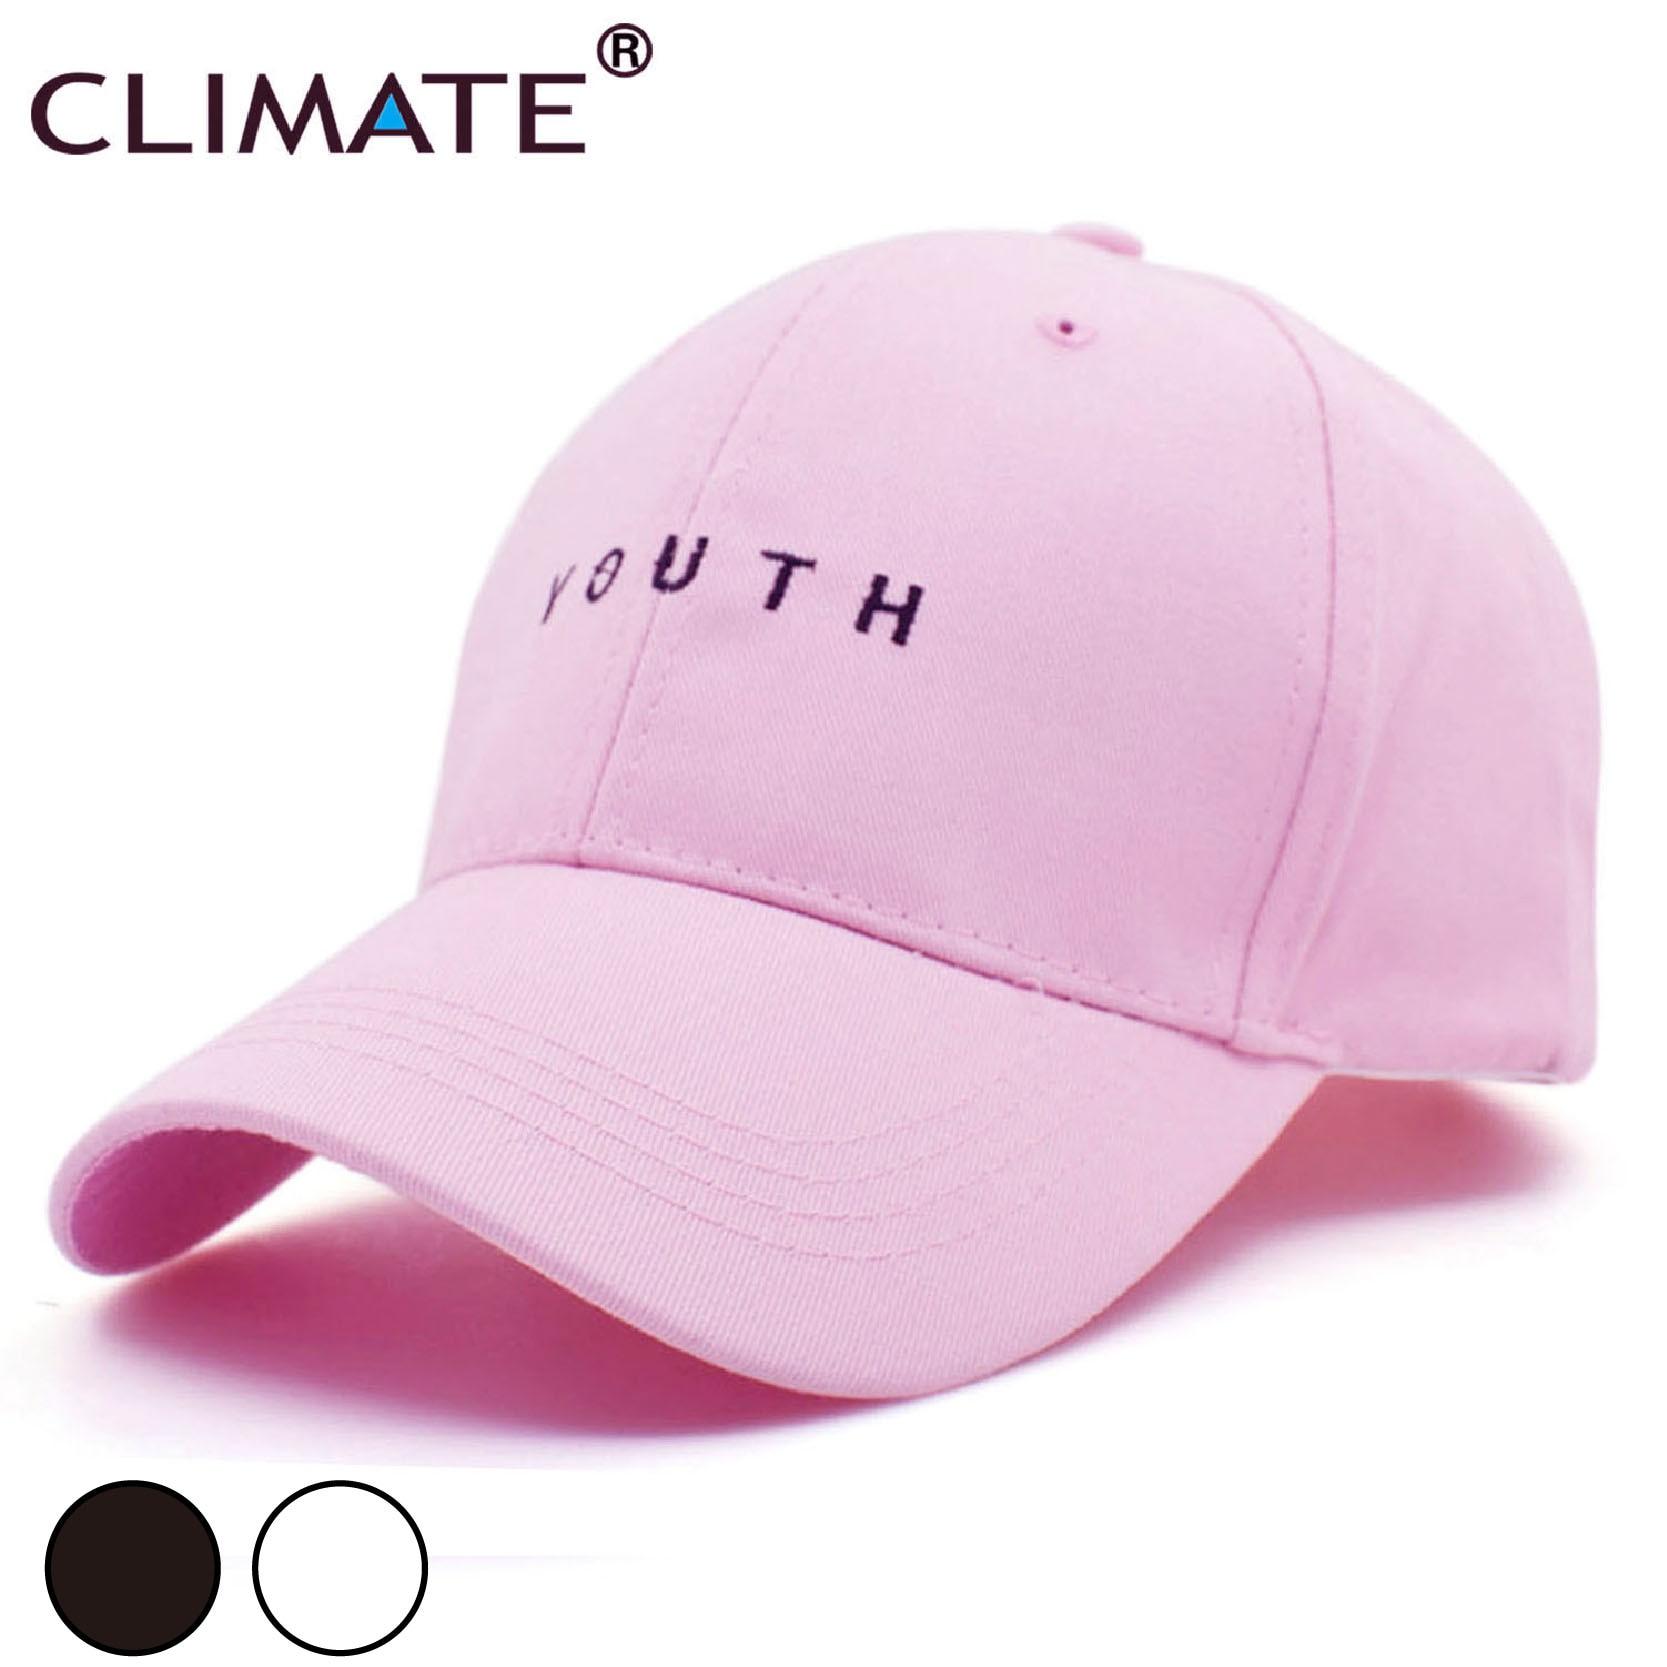 65fd8f712dfc CLIMATE New Youth carta gorras de béisbol logotipo juvenil niños niñas  Negro gorra caliente hombres papá sombrero mujer Snapback HipHop los ...